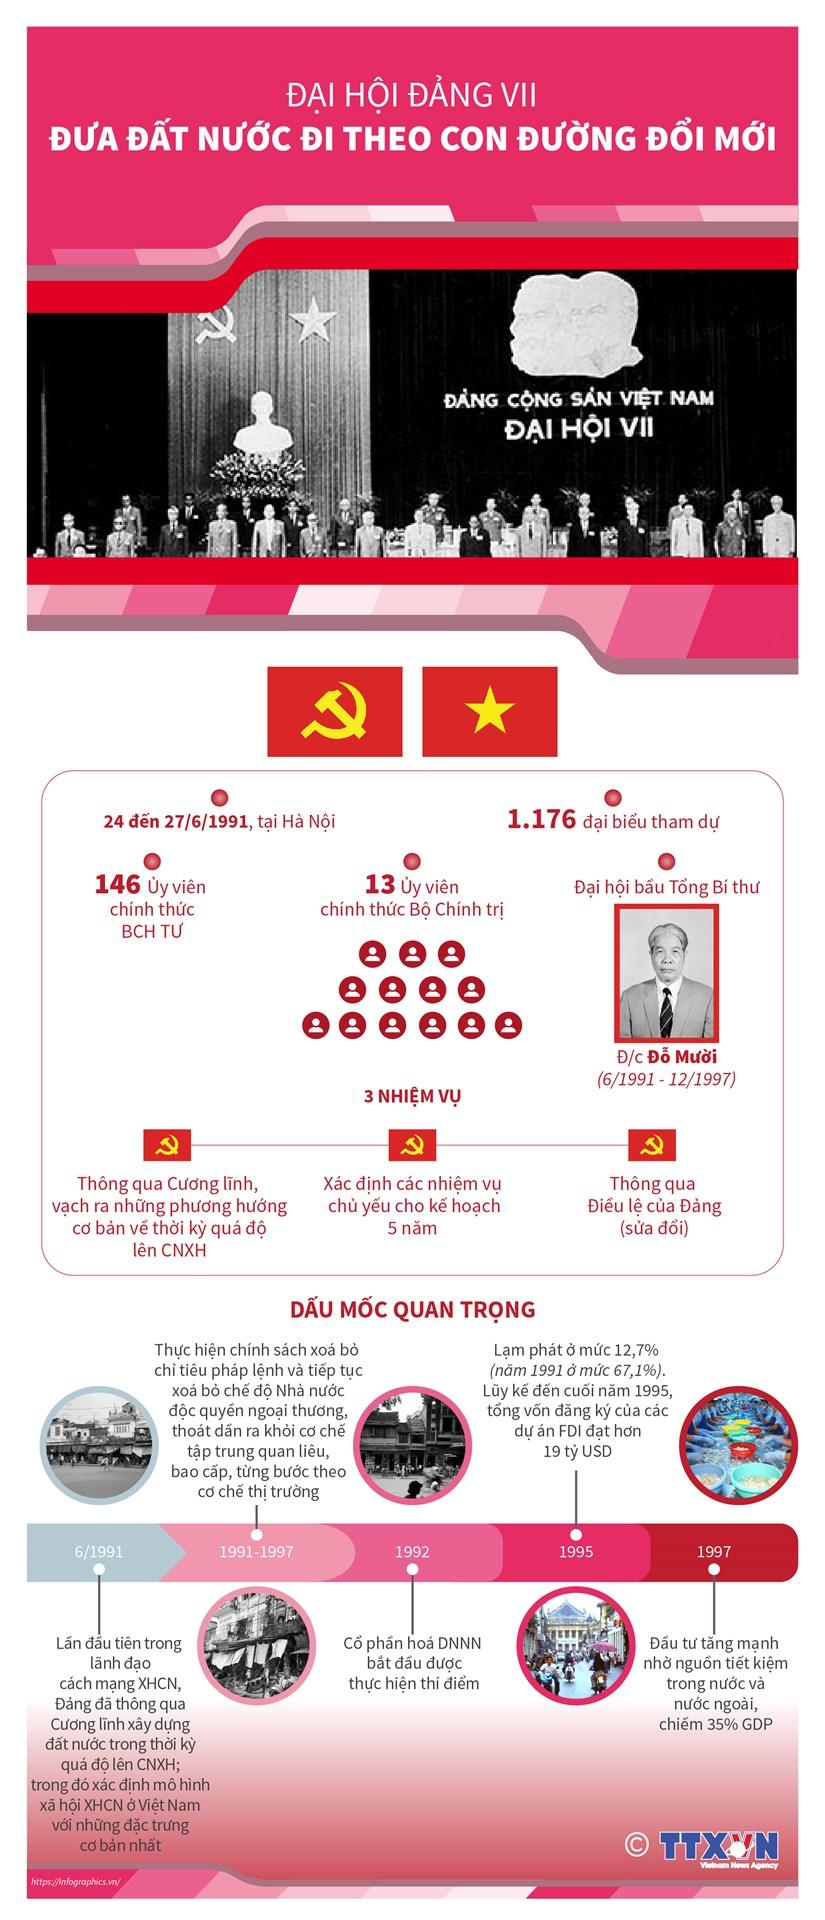 [Infographics] Đại hội Đảng VII: Đưa đất nước theo con đường đổi mới